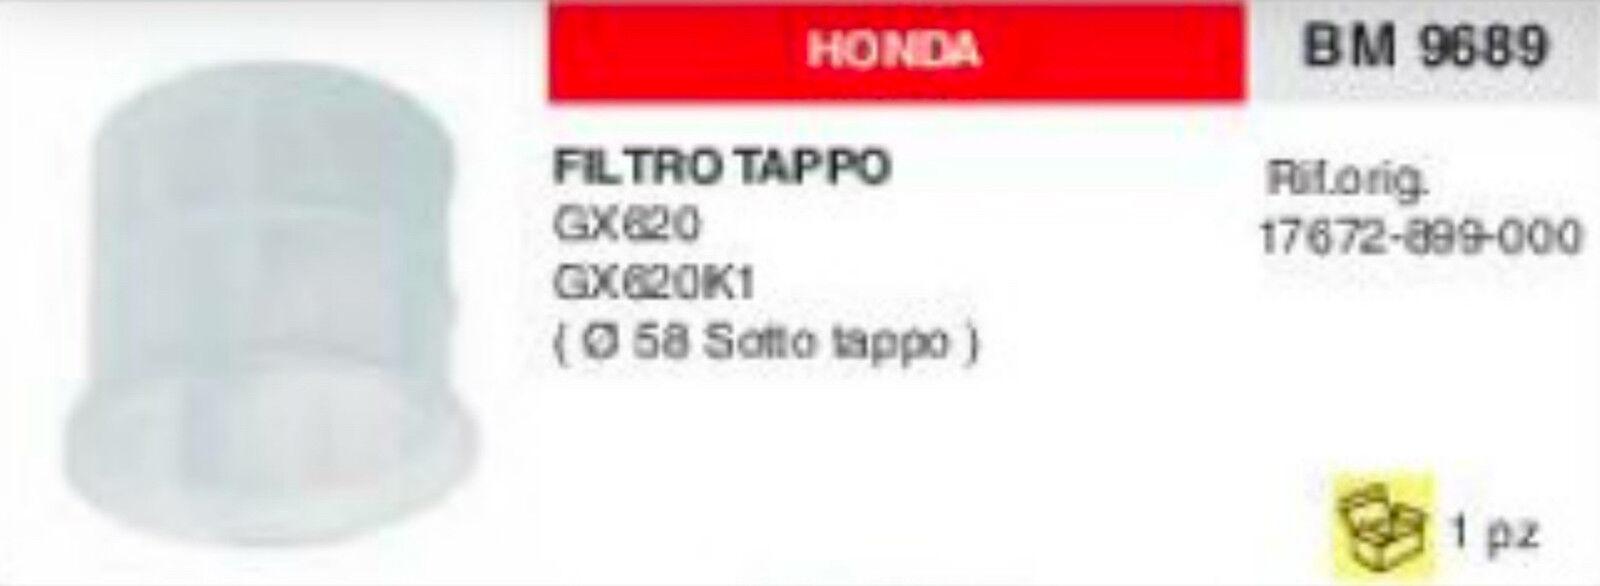 17672899000 Filtre Réservoir Essence Bouchon au-dessous Honda GX 620 K1 Ø 58